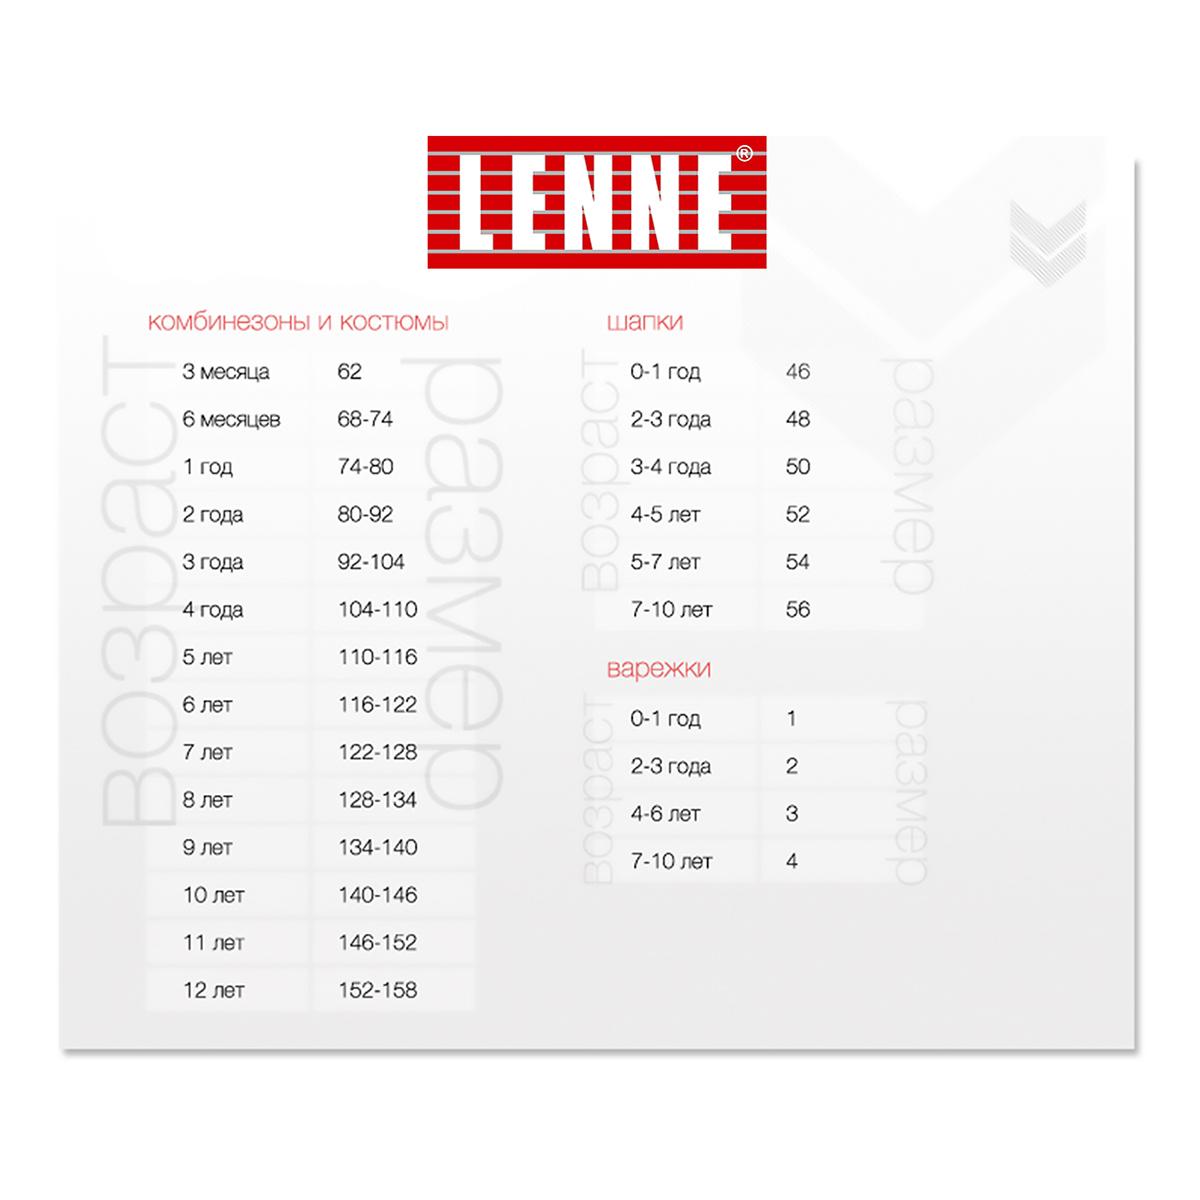 Купить Верхняя одежда, Куртка и полукомбинезон LENNE Minni Grey, р. 98 20313/3820 ТМ: LENNE, серый